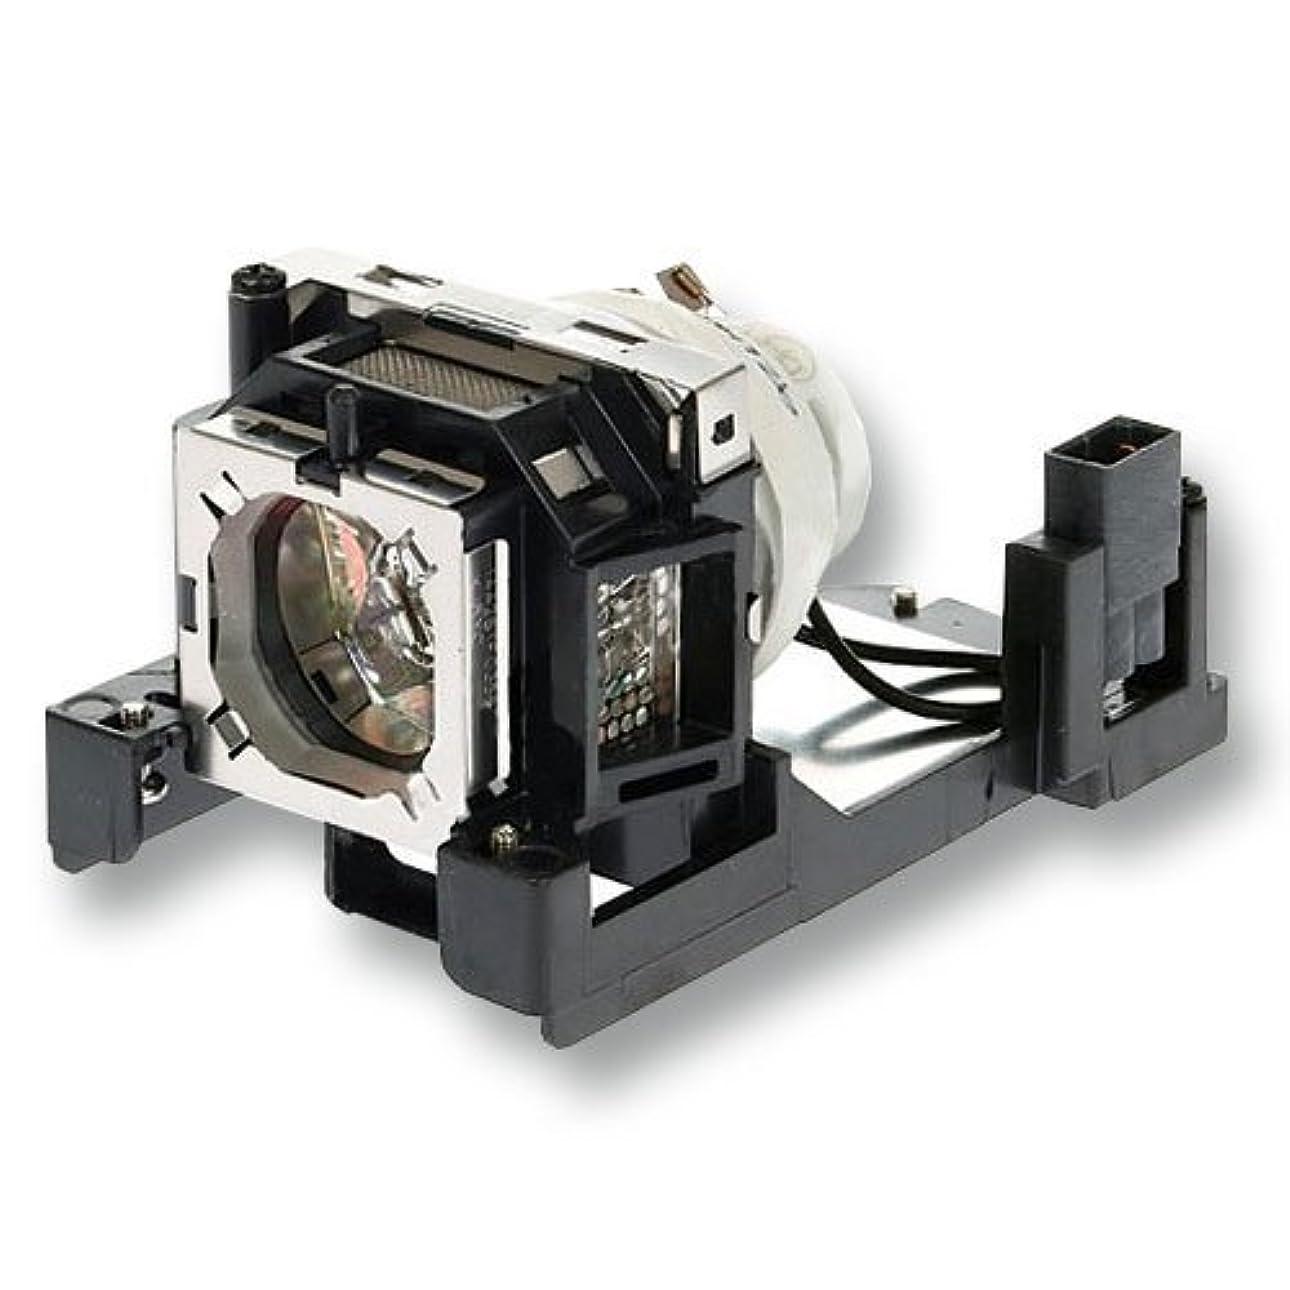 冬クライマックス説明的Sanyo 610 350 2892 Replacement Lamp with Housing for Sanyo Projector [並行輸入品]